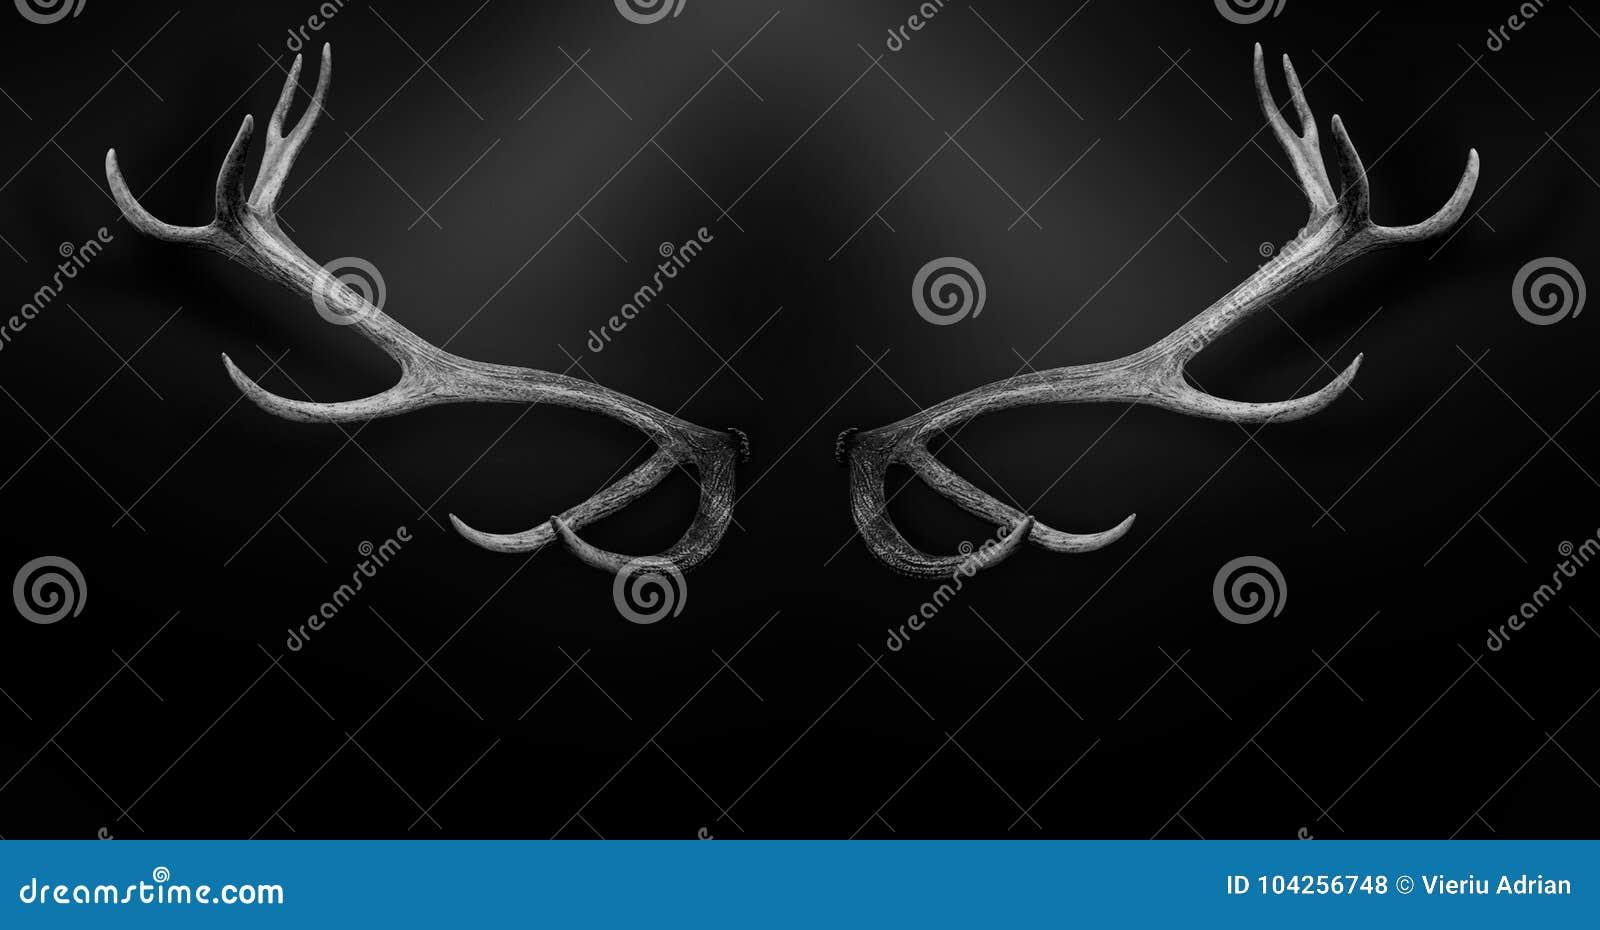 Τρισδιάστατο απομονωμένο μαύρο άσπρο ζώο υποβάθρου ελαφόκερων ελαφιών